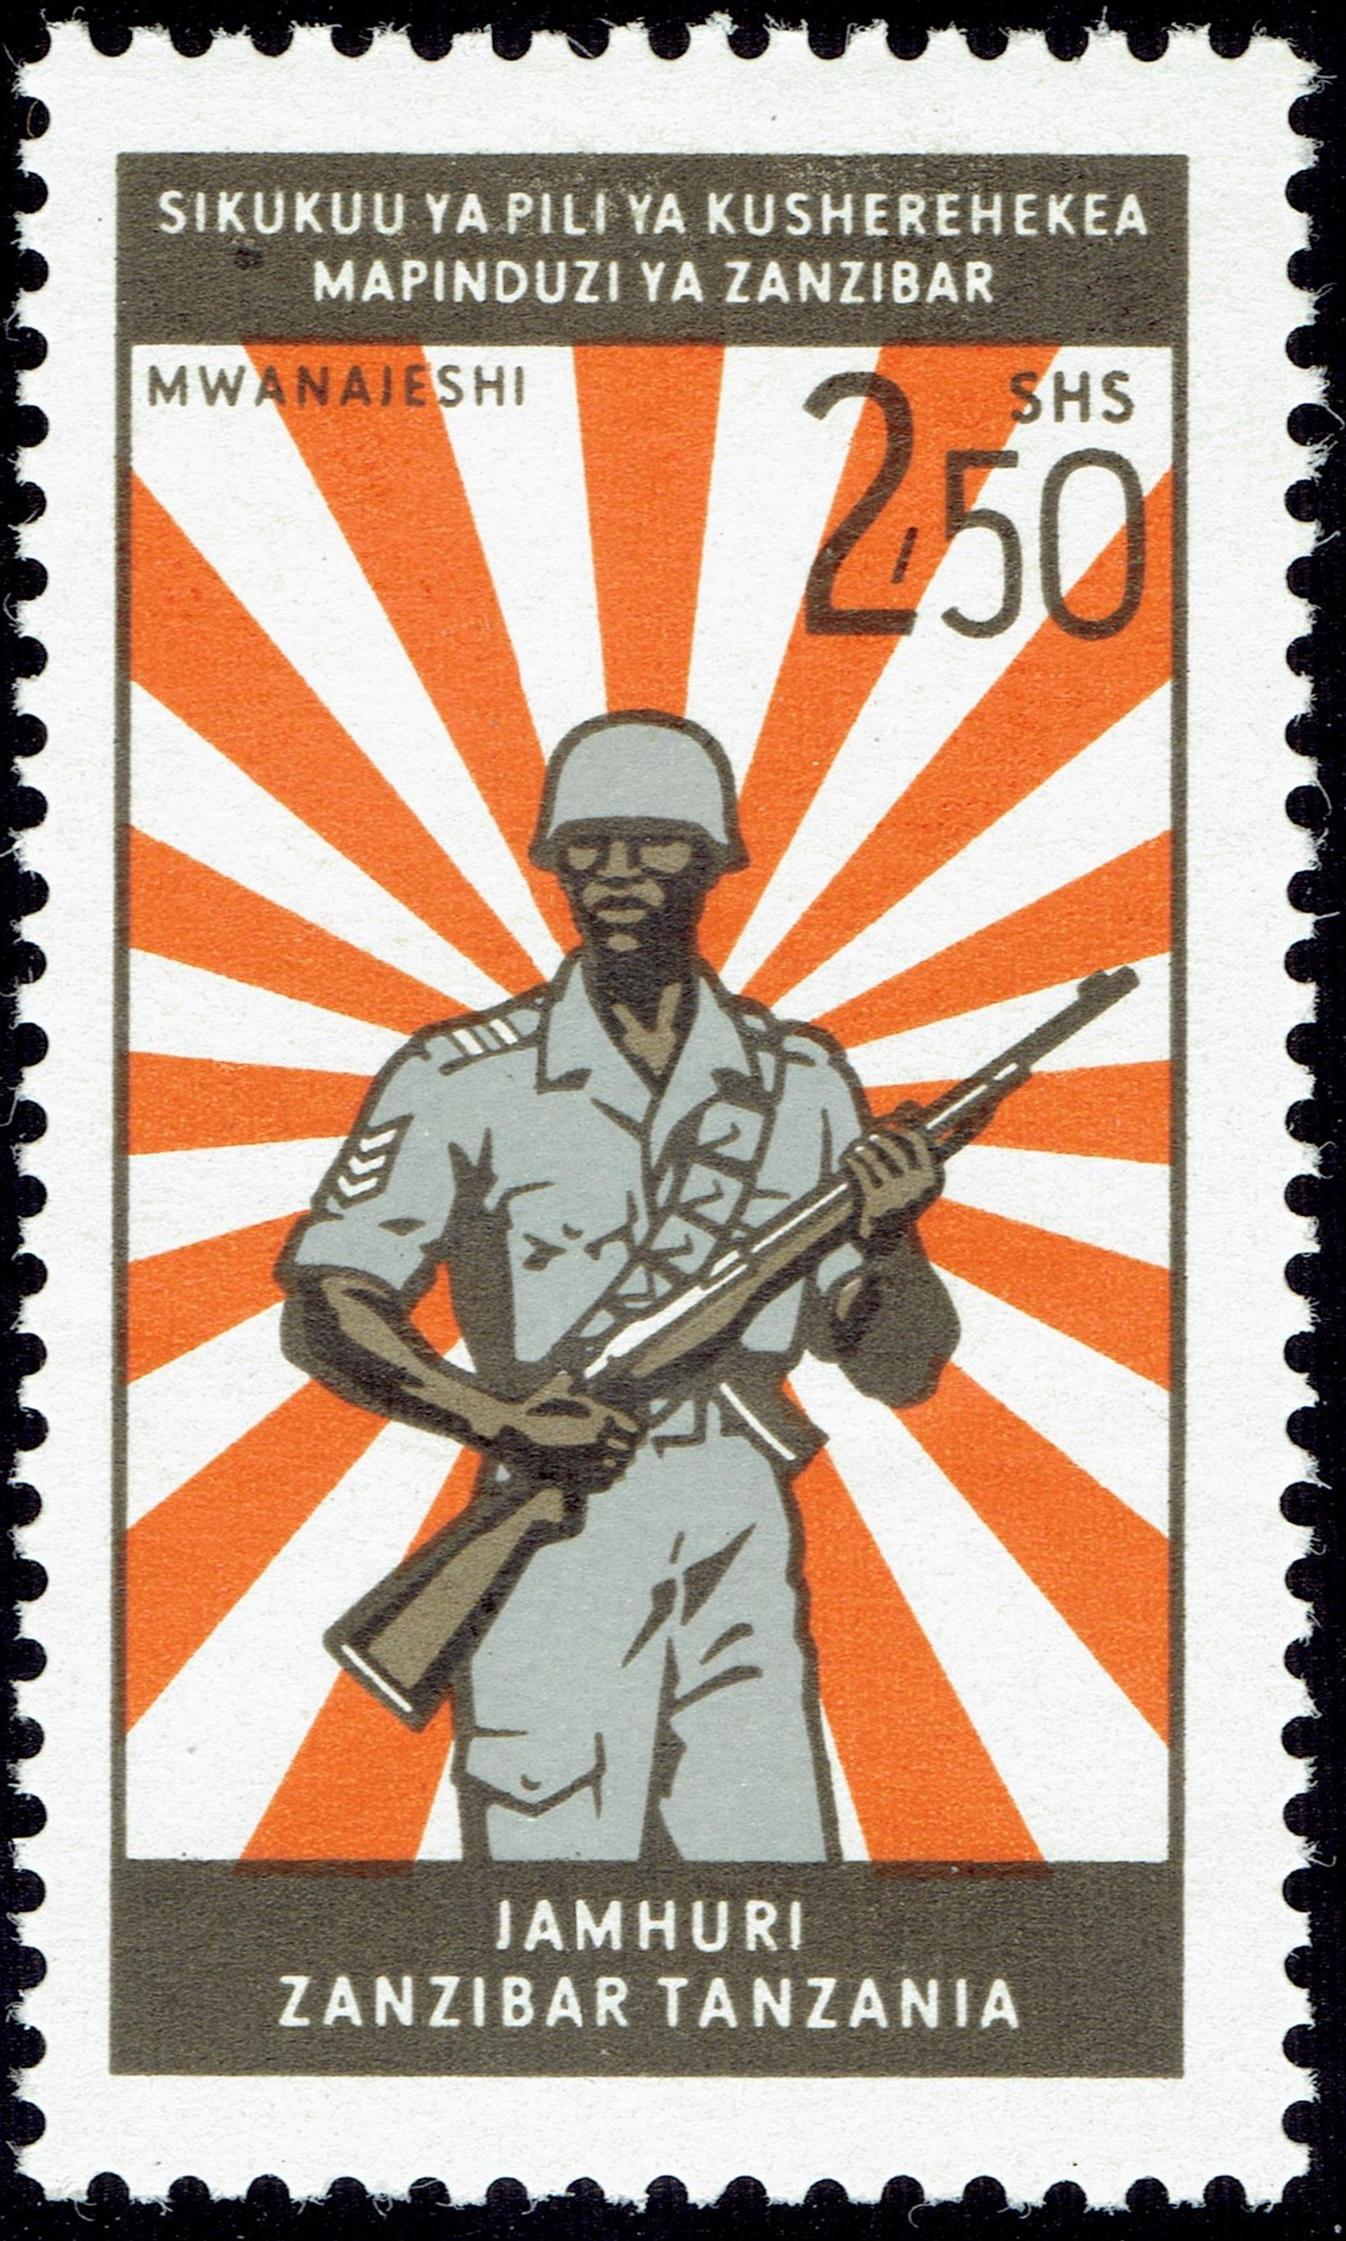 Zanzibar and Tanzania - Scott #330 (1965)